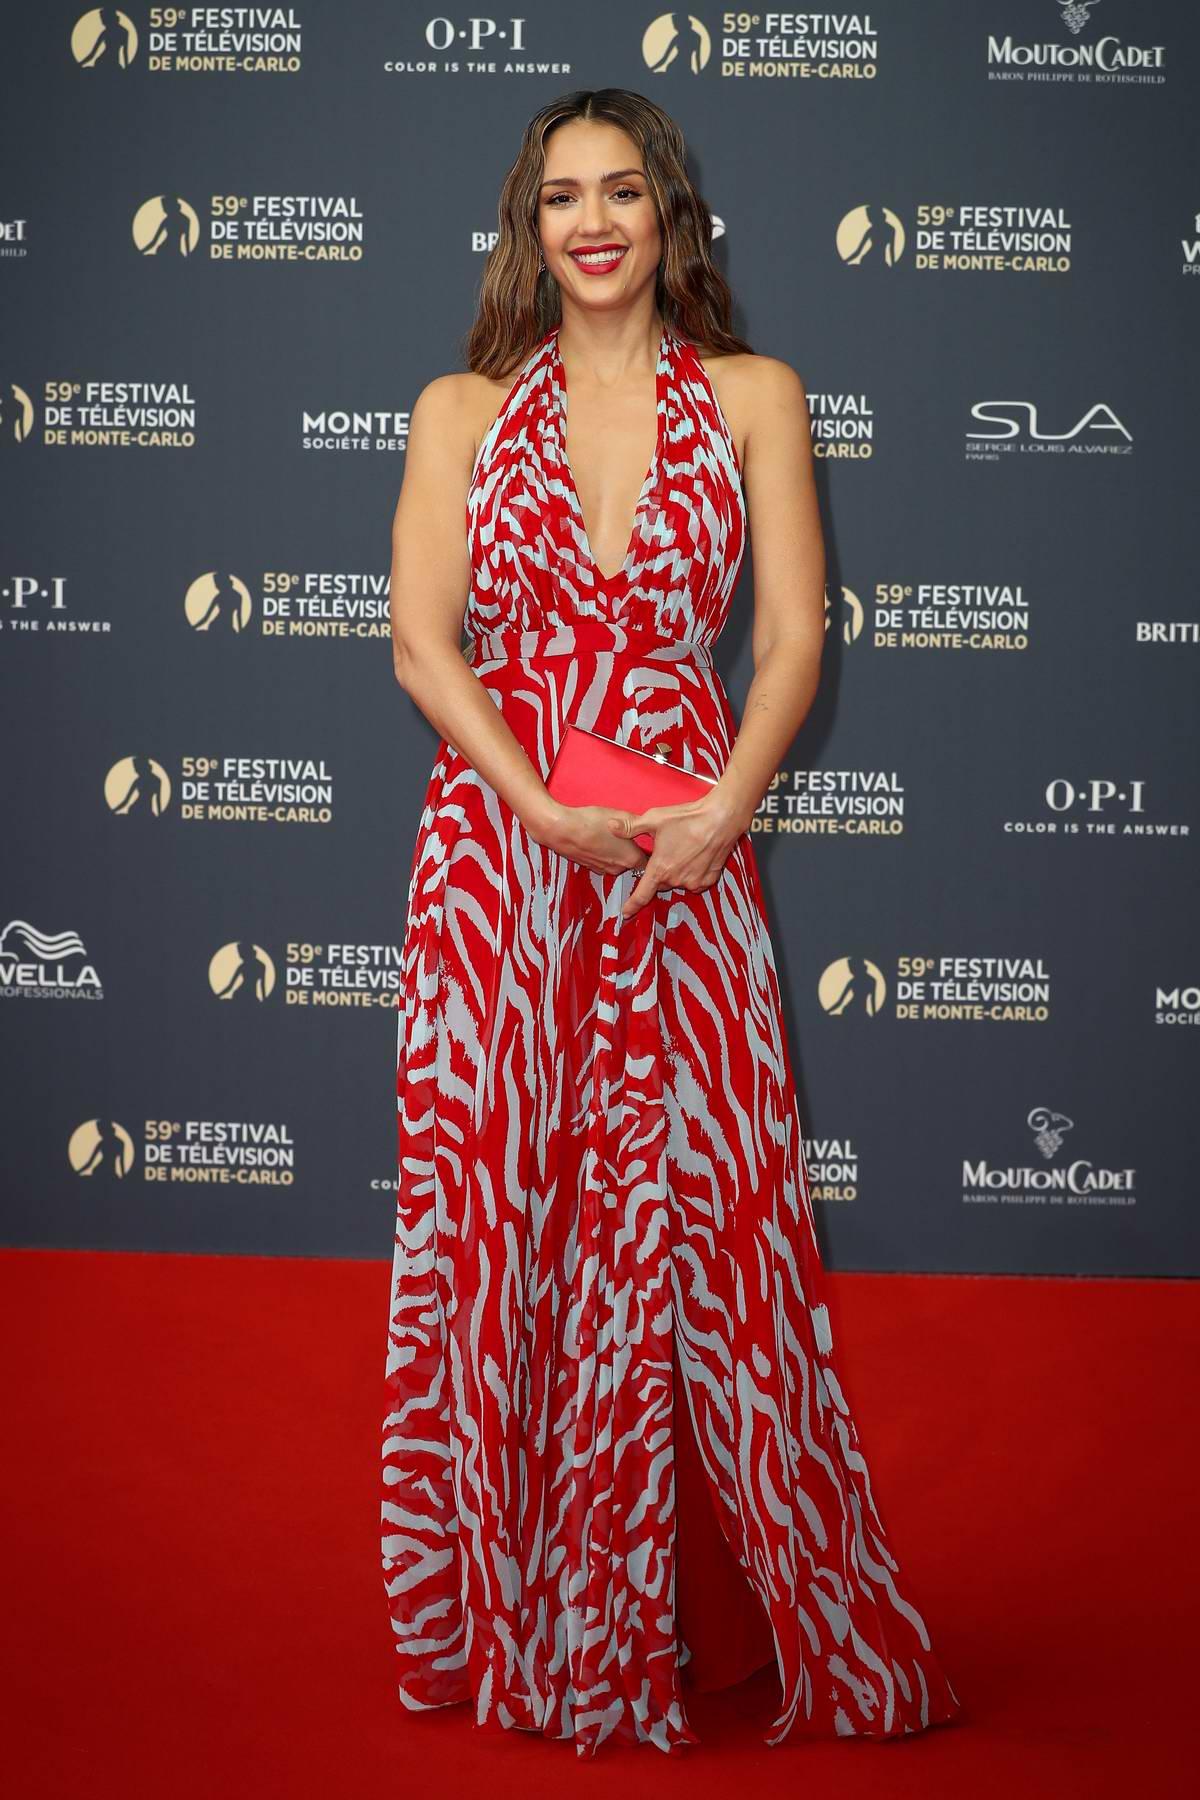 Jessica Alba attends the 59th Monte Carlo TV Festival Opening Ceremony in Monte Carlo, Monaco